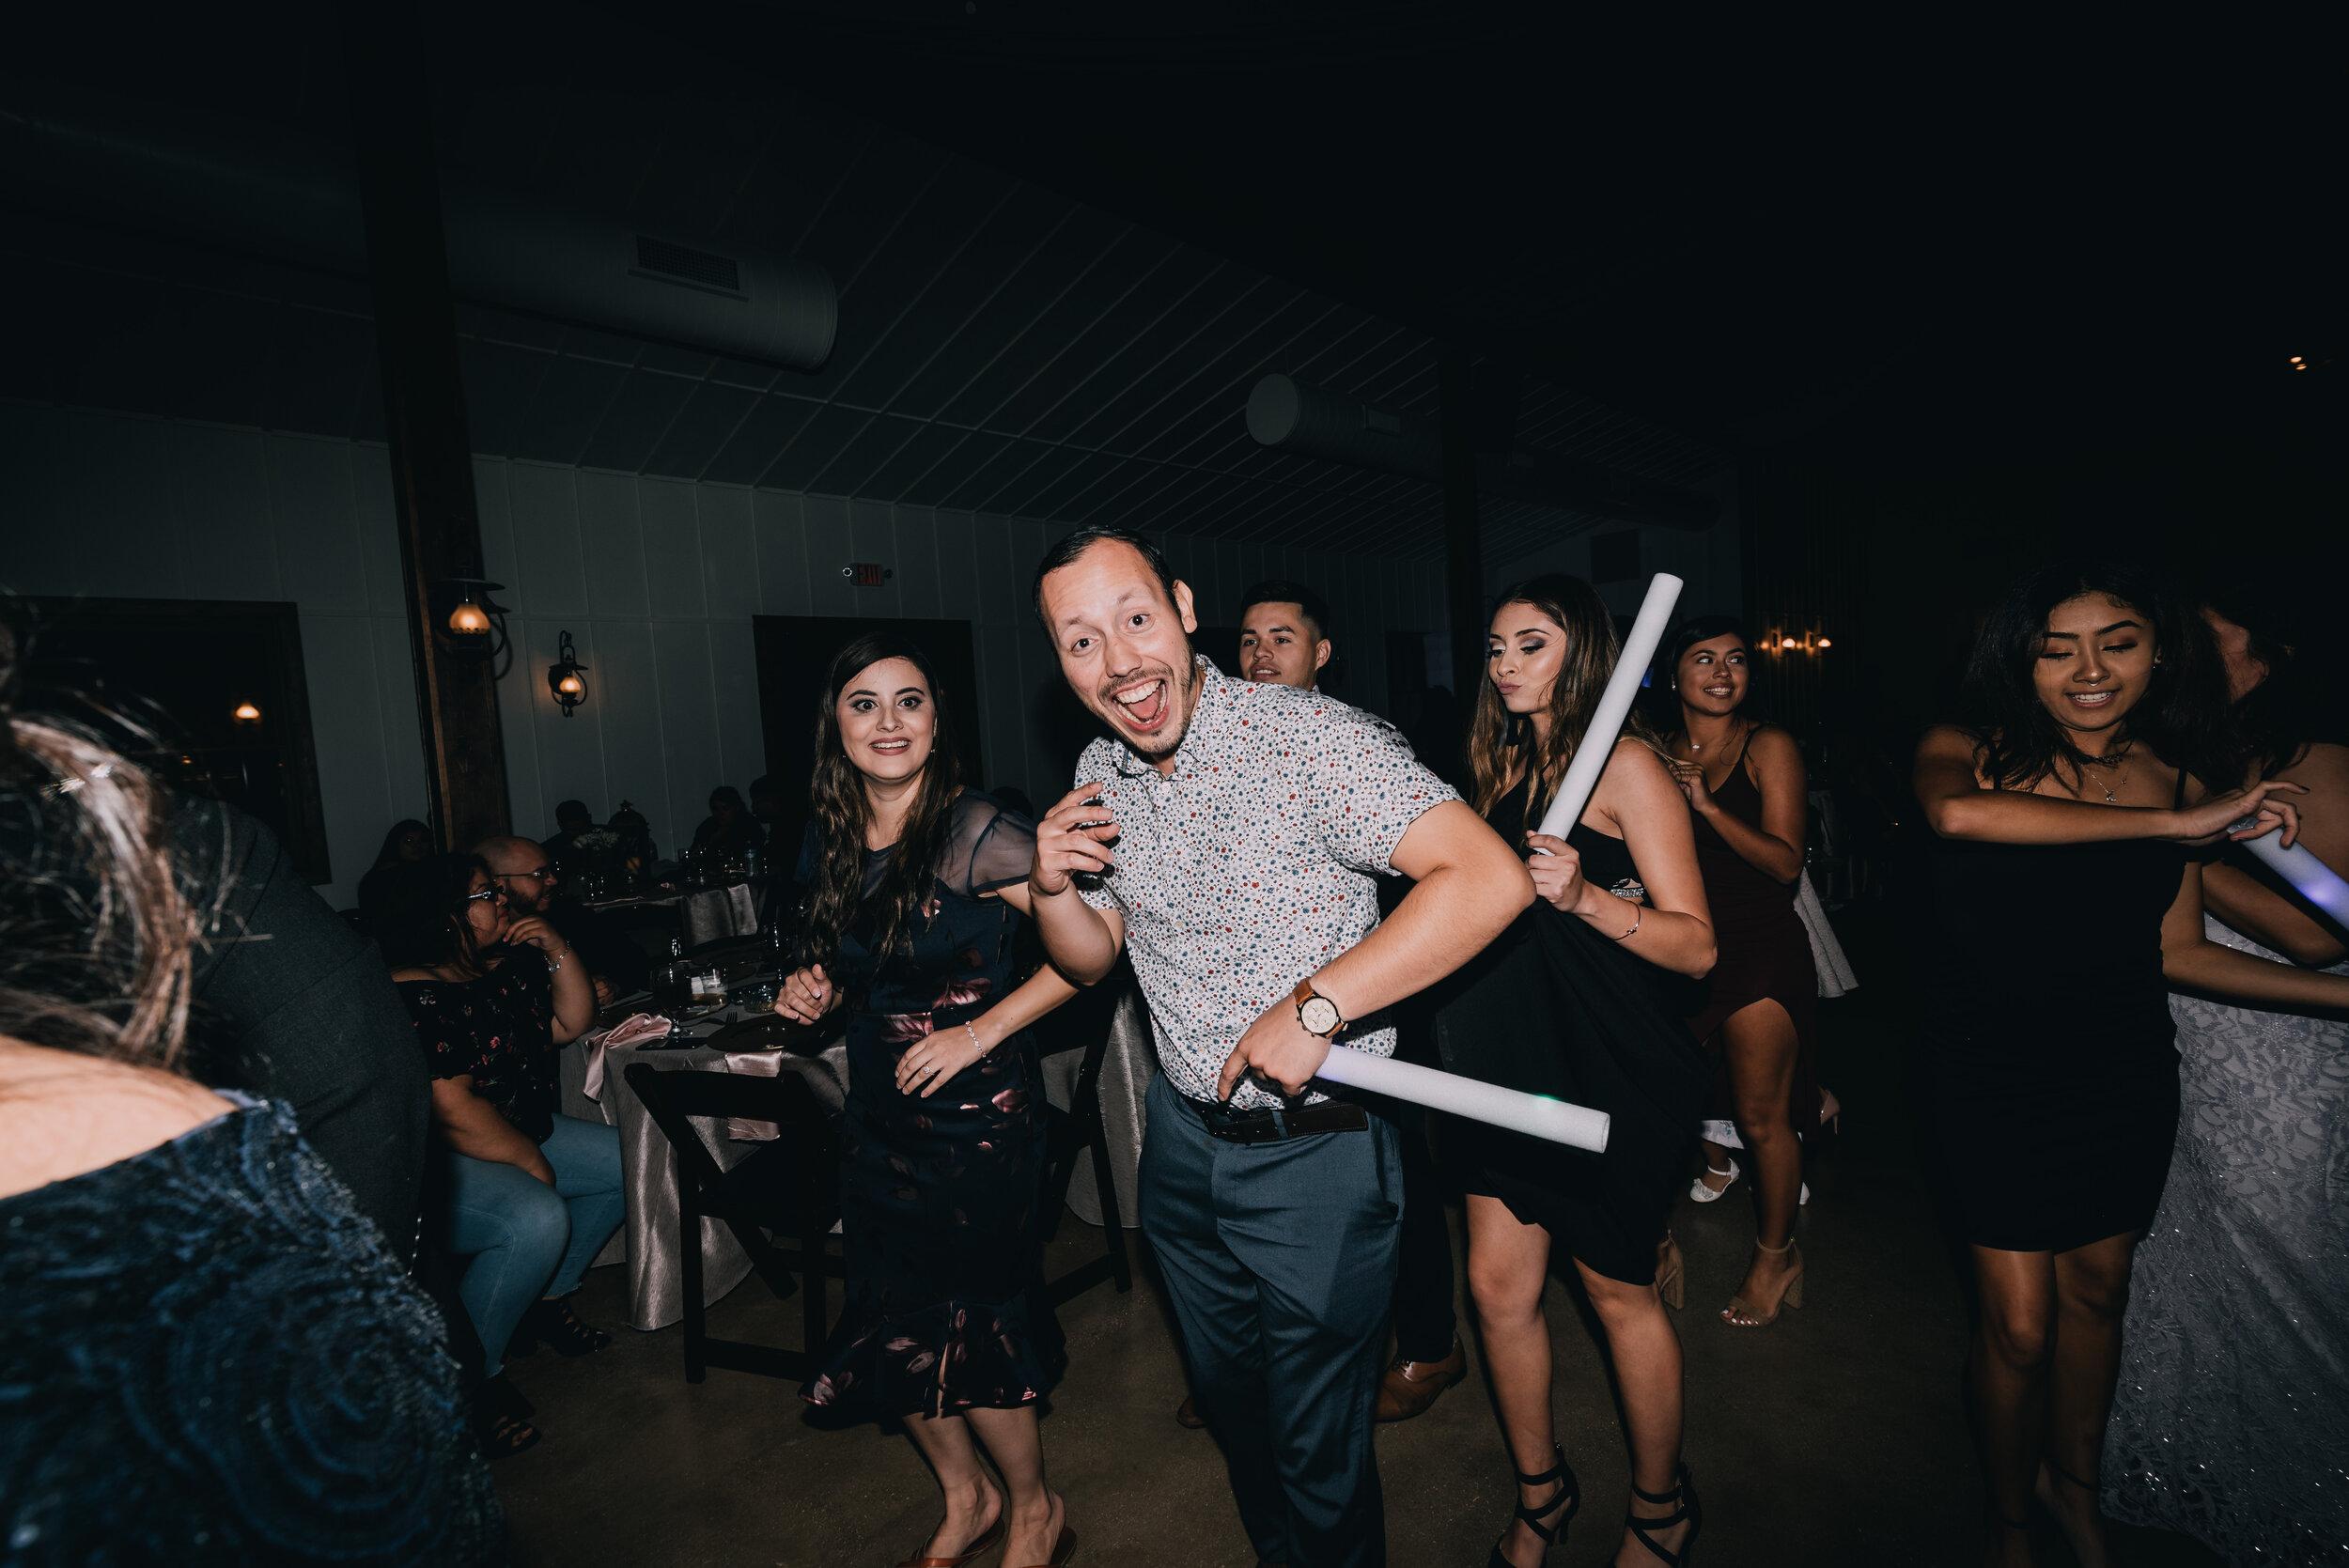 Alex and Haley Wedding 2019 (Austin Daniel Photo) (814 of 896).JPG